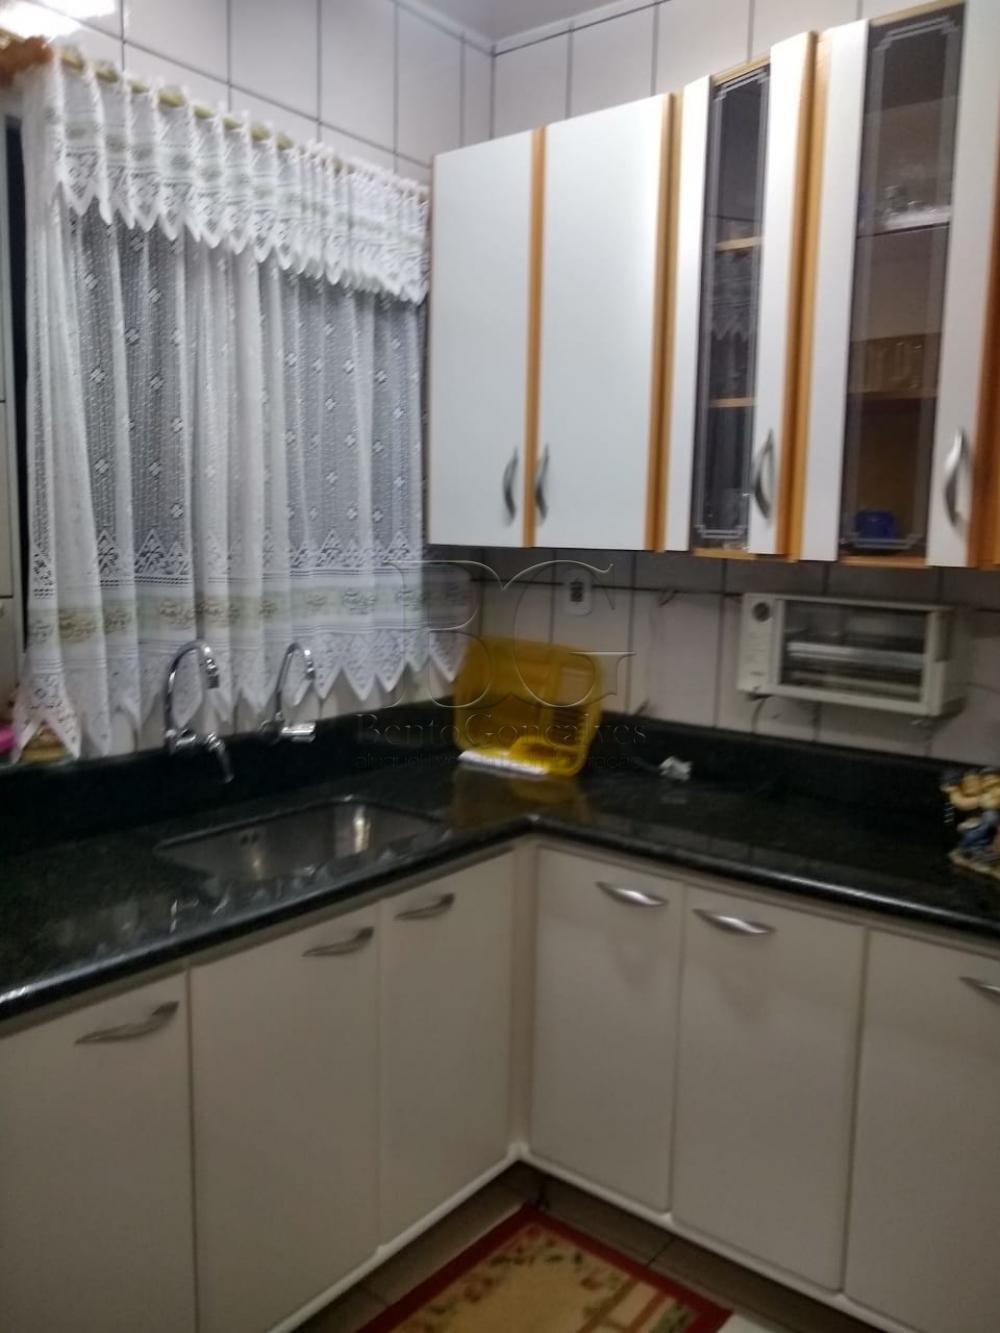 Comprar Apartamentos / Predio comercial e Residencial em Poços de Caldas apenas R$ 400.000,00 - Foto 6